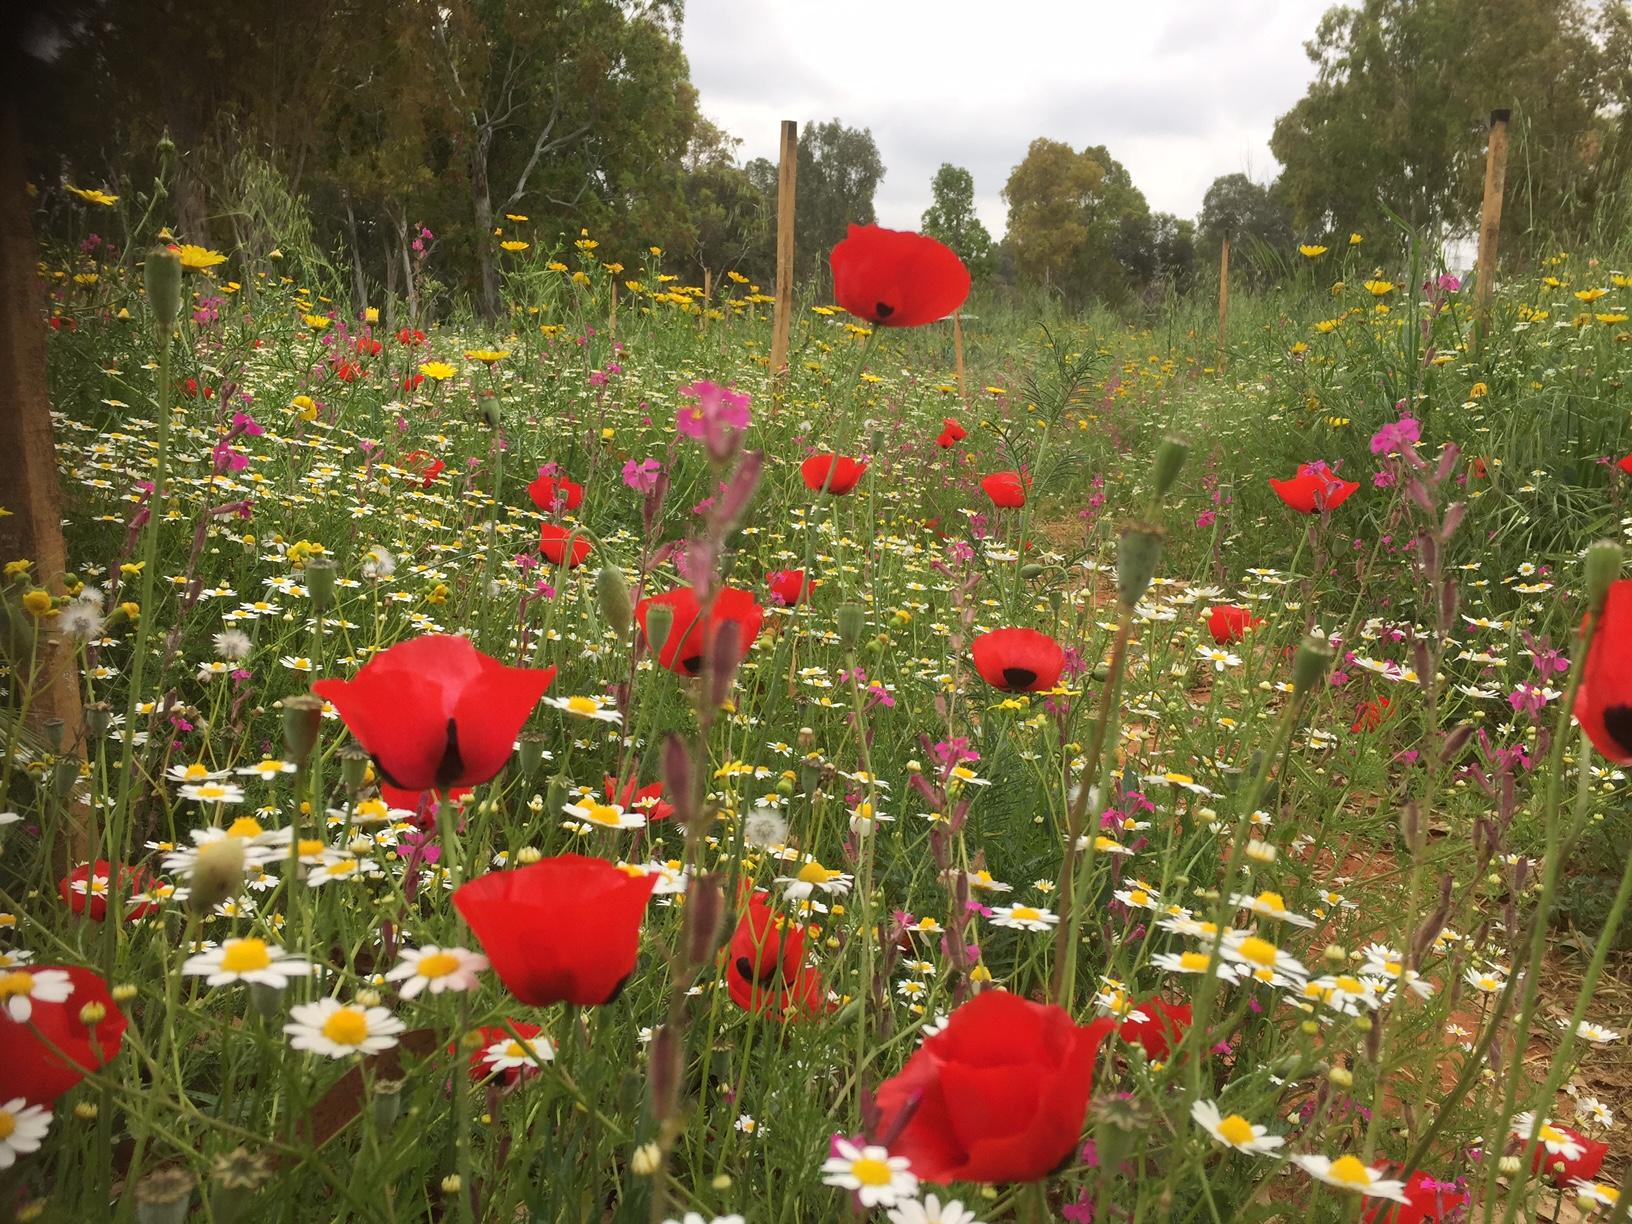 שיקום בתי גידול בפארק גני יהושע